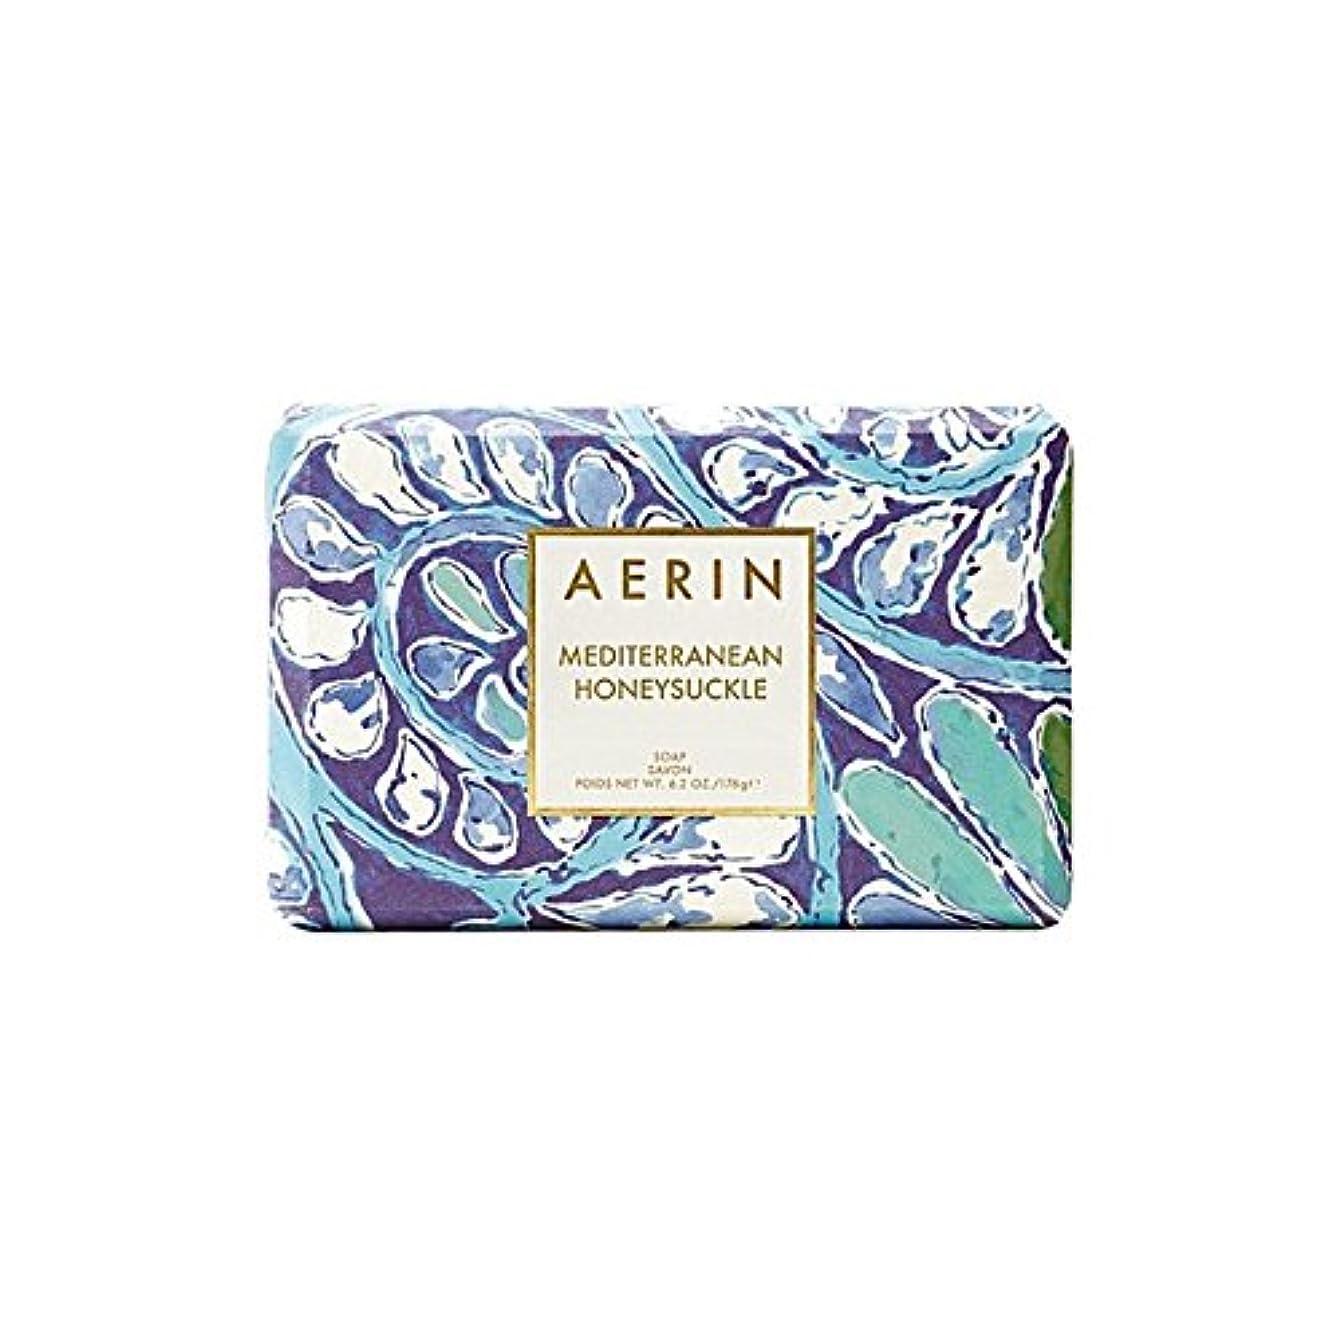 インフレーションクレジット火炎Aerin Mediterrenean Honeysuckle Bar Soap 176G - スイカズラ固形石鹸176グラム [並行輸入品]